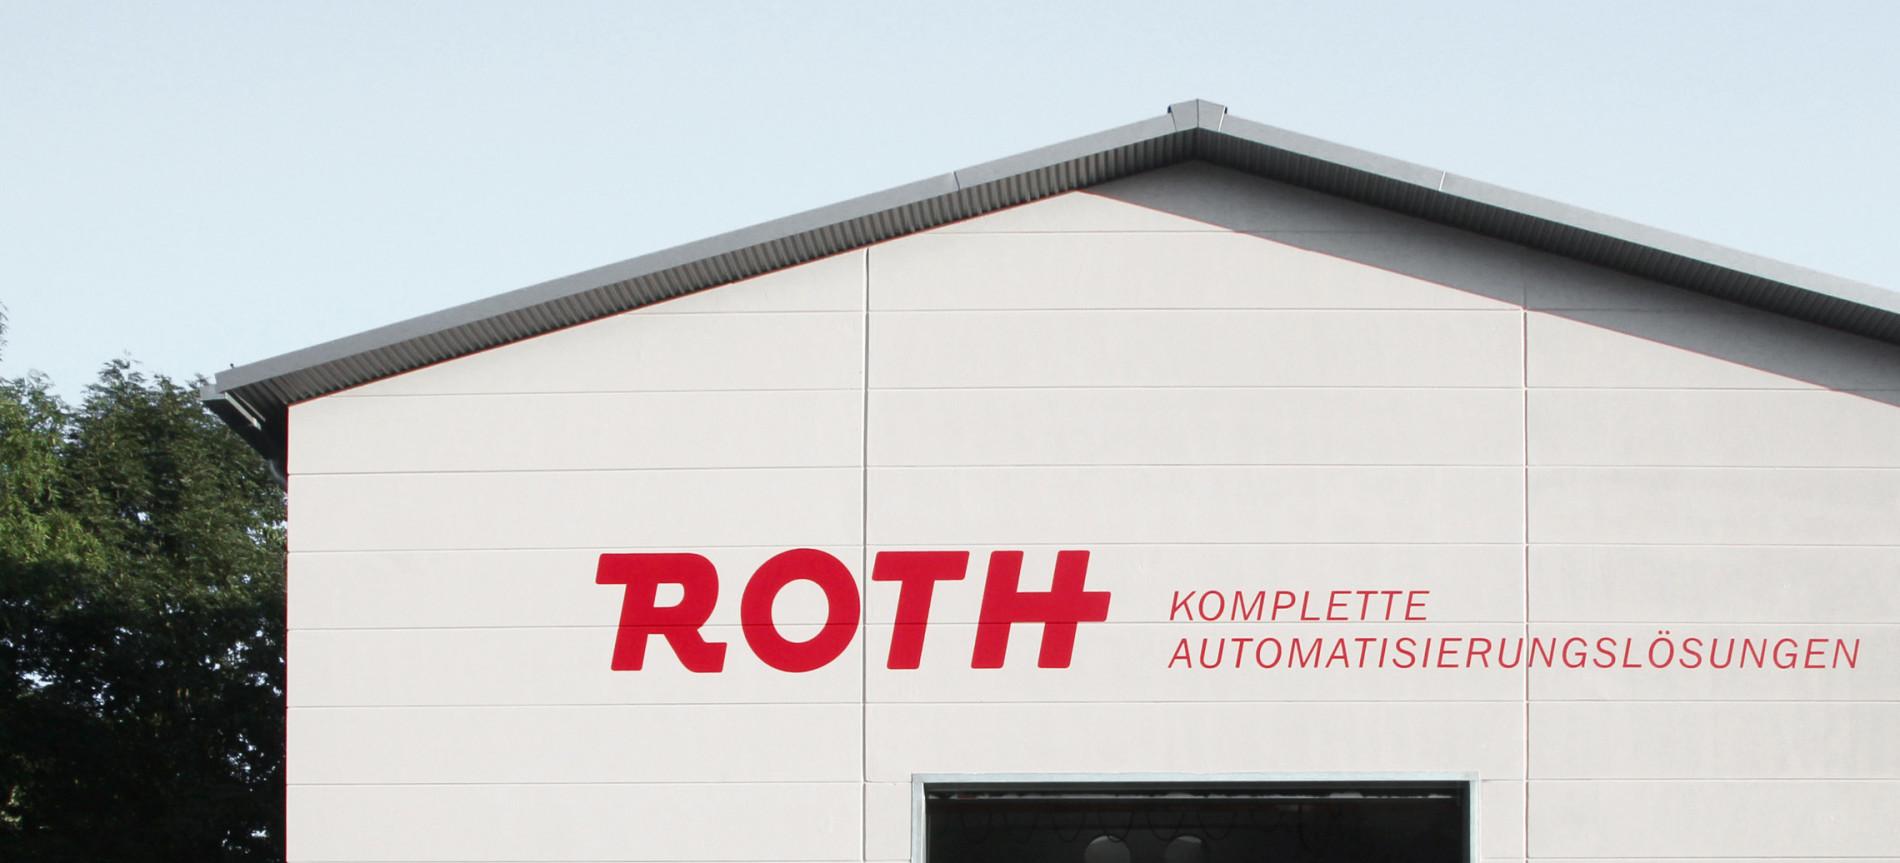 Roth Steuerungstechnik - 22. Mai 2015 - Neubau unserer Montagehalle ist fertig gestellt